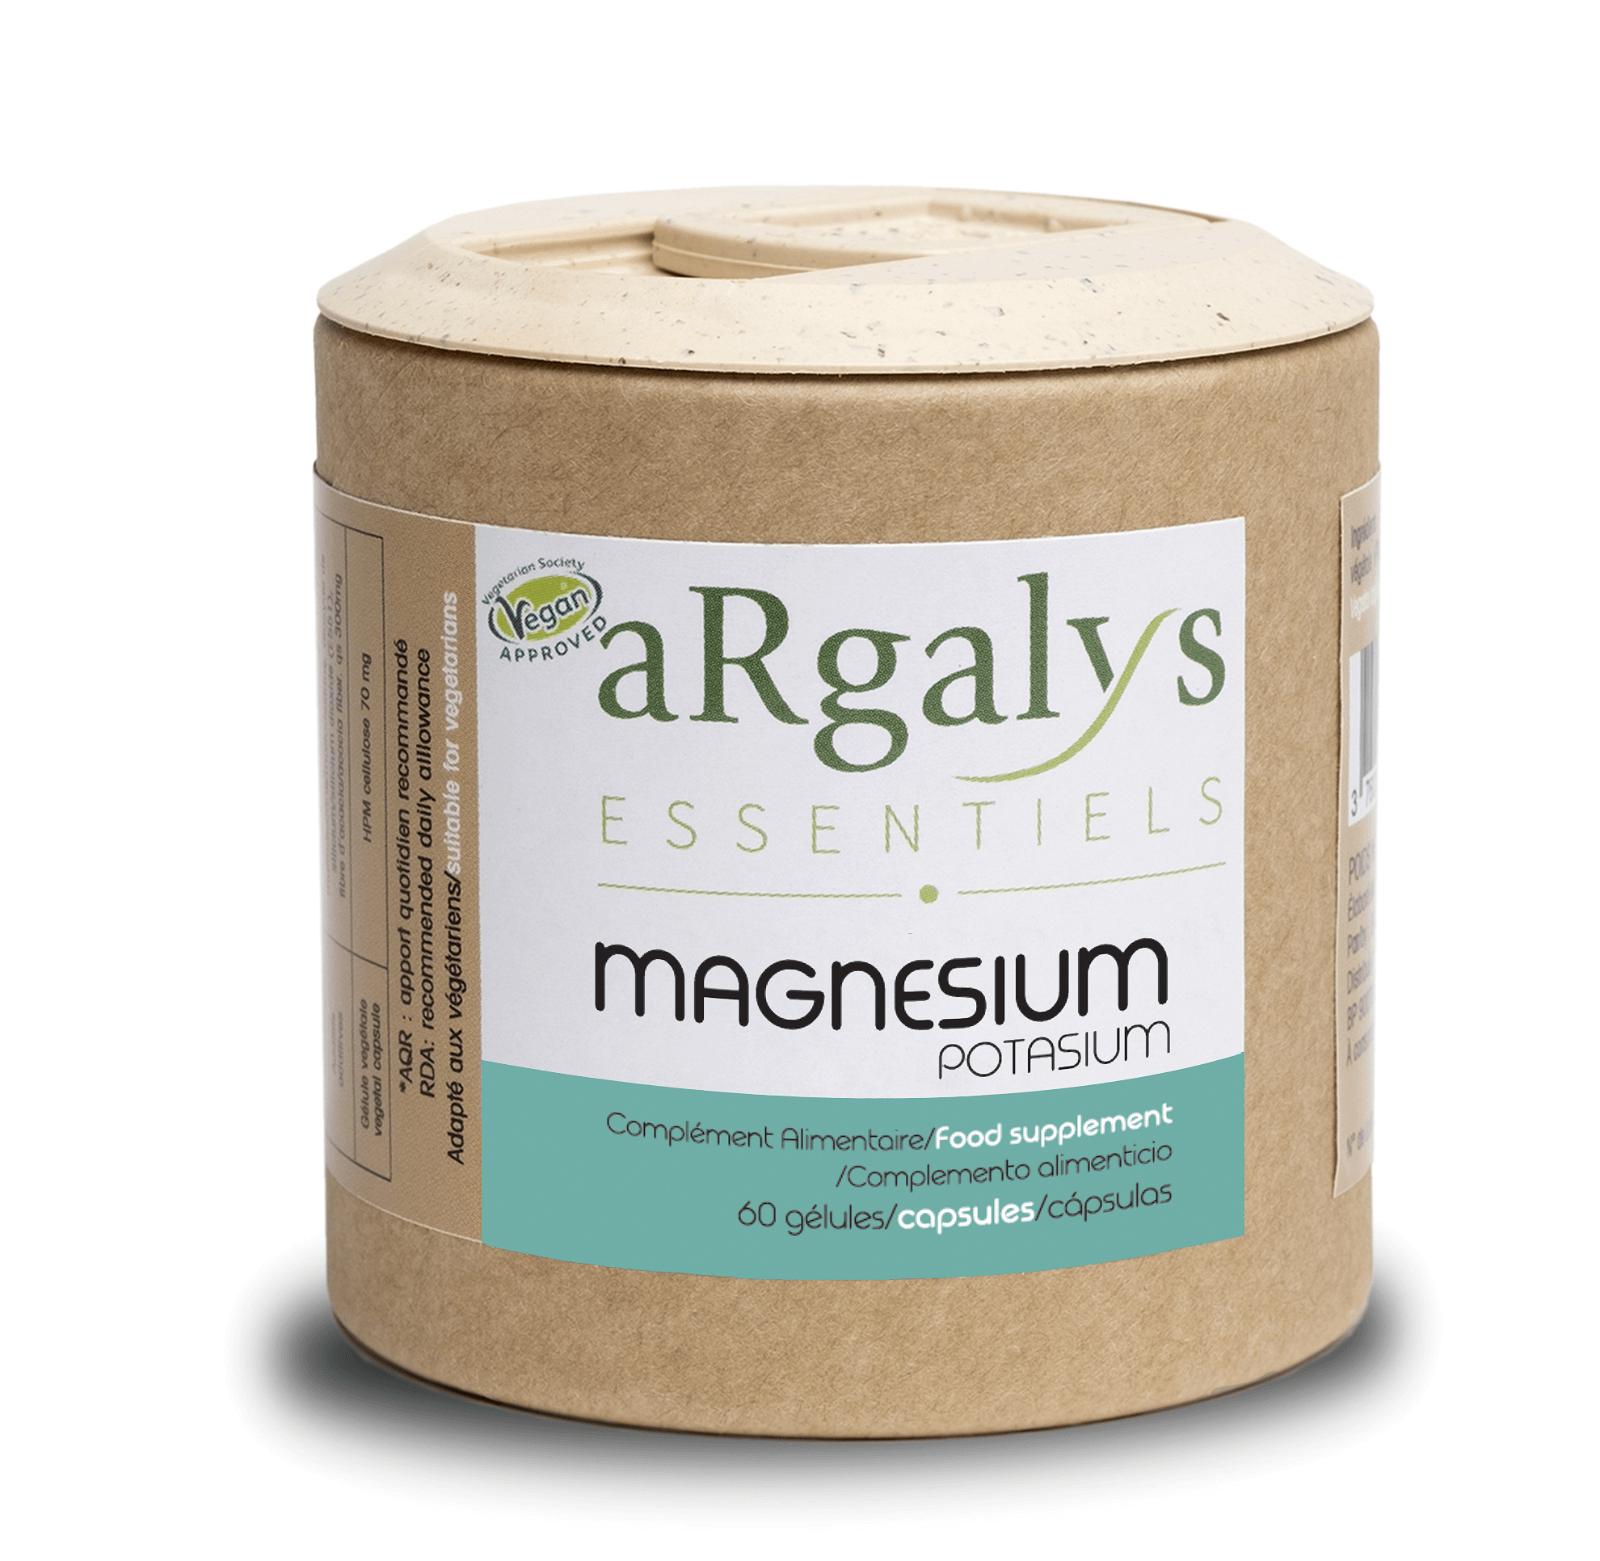 img-argalys-magnesium-potassium-bio-60unite